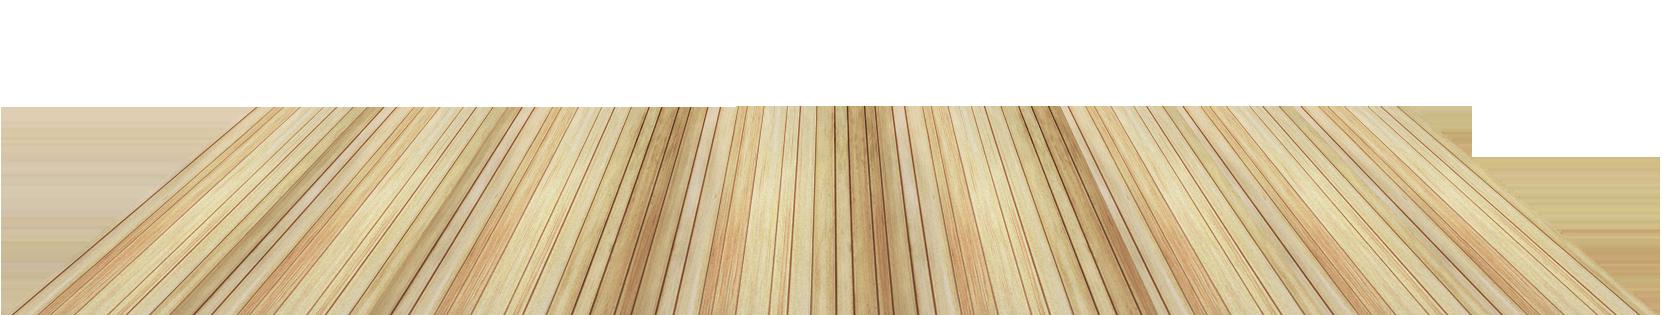 Impressive wood nzbmatrix info. Floor clipart perspective